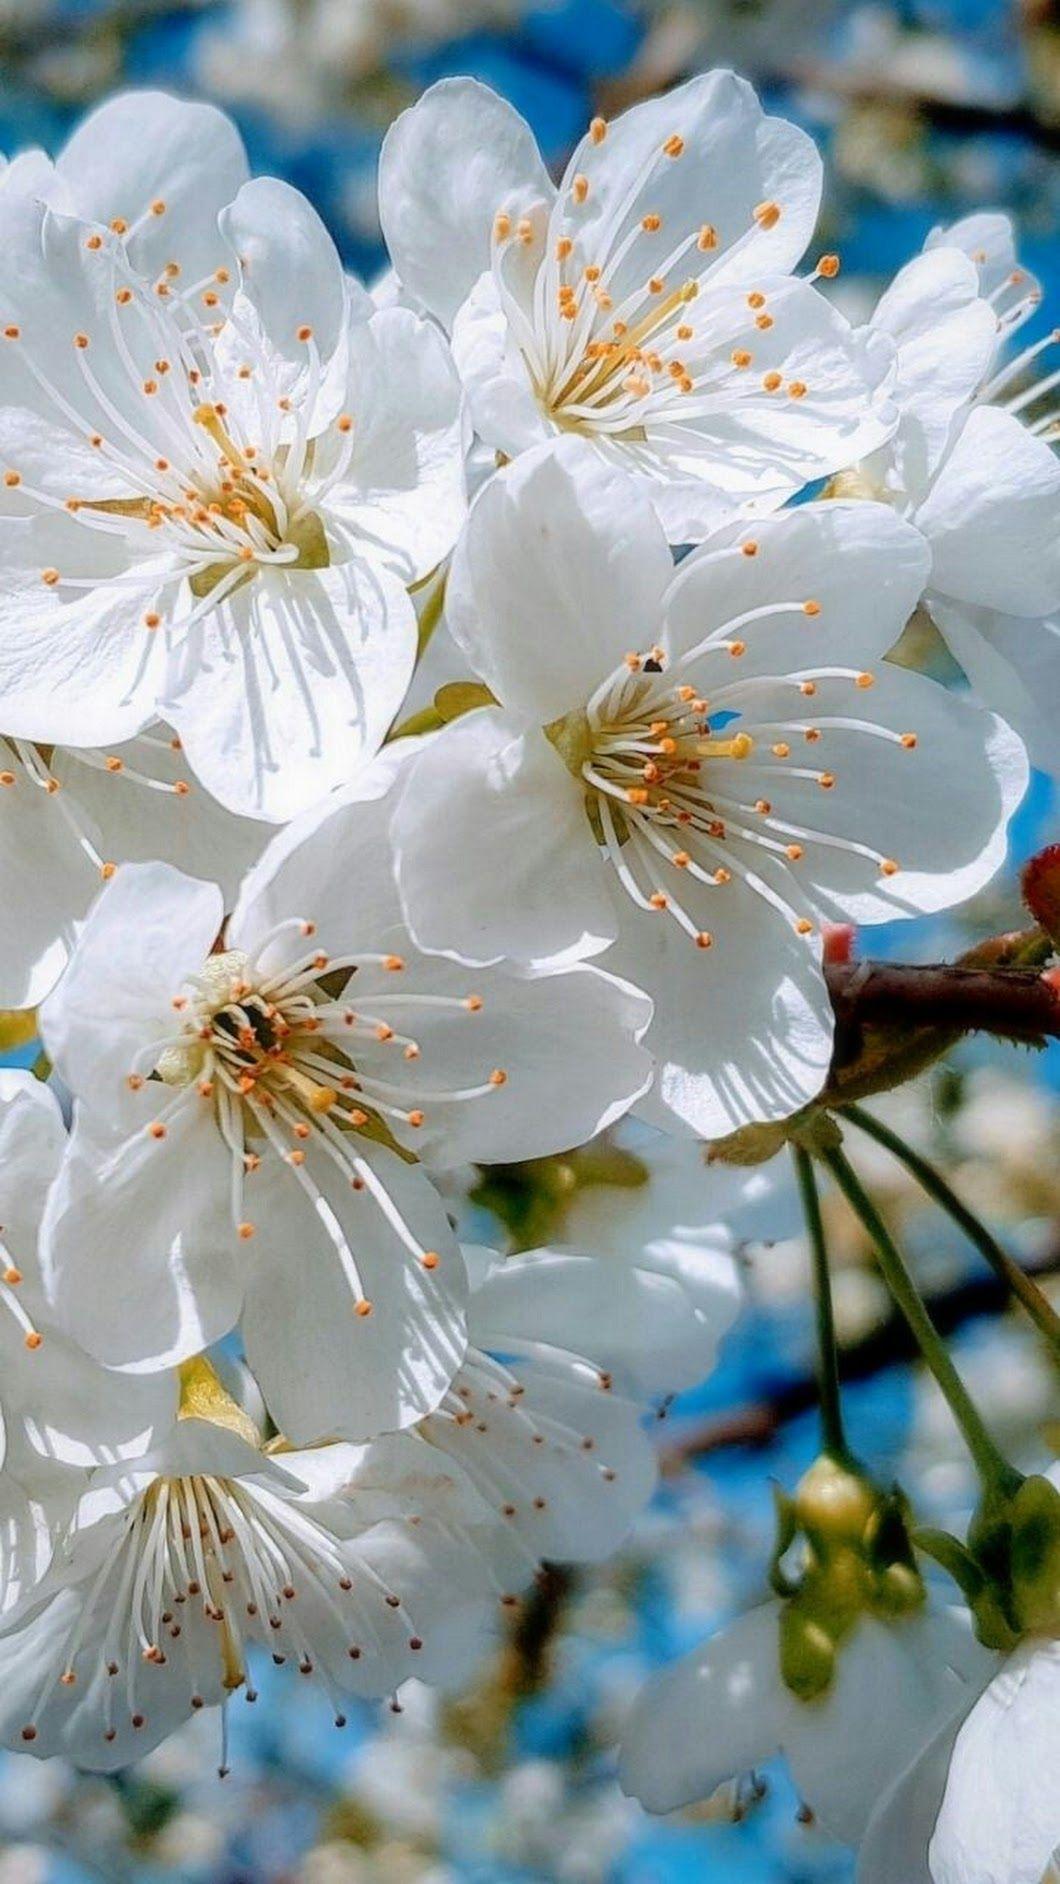 Albero Con Fiori Bianchi eva fá (con immagini) | foto di fiori, dipingere fiori